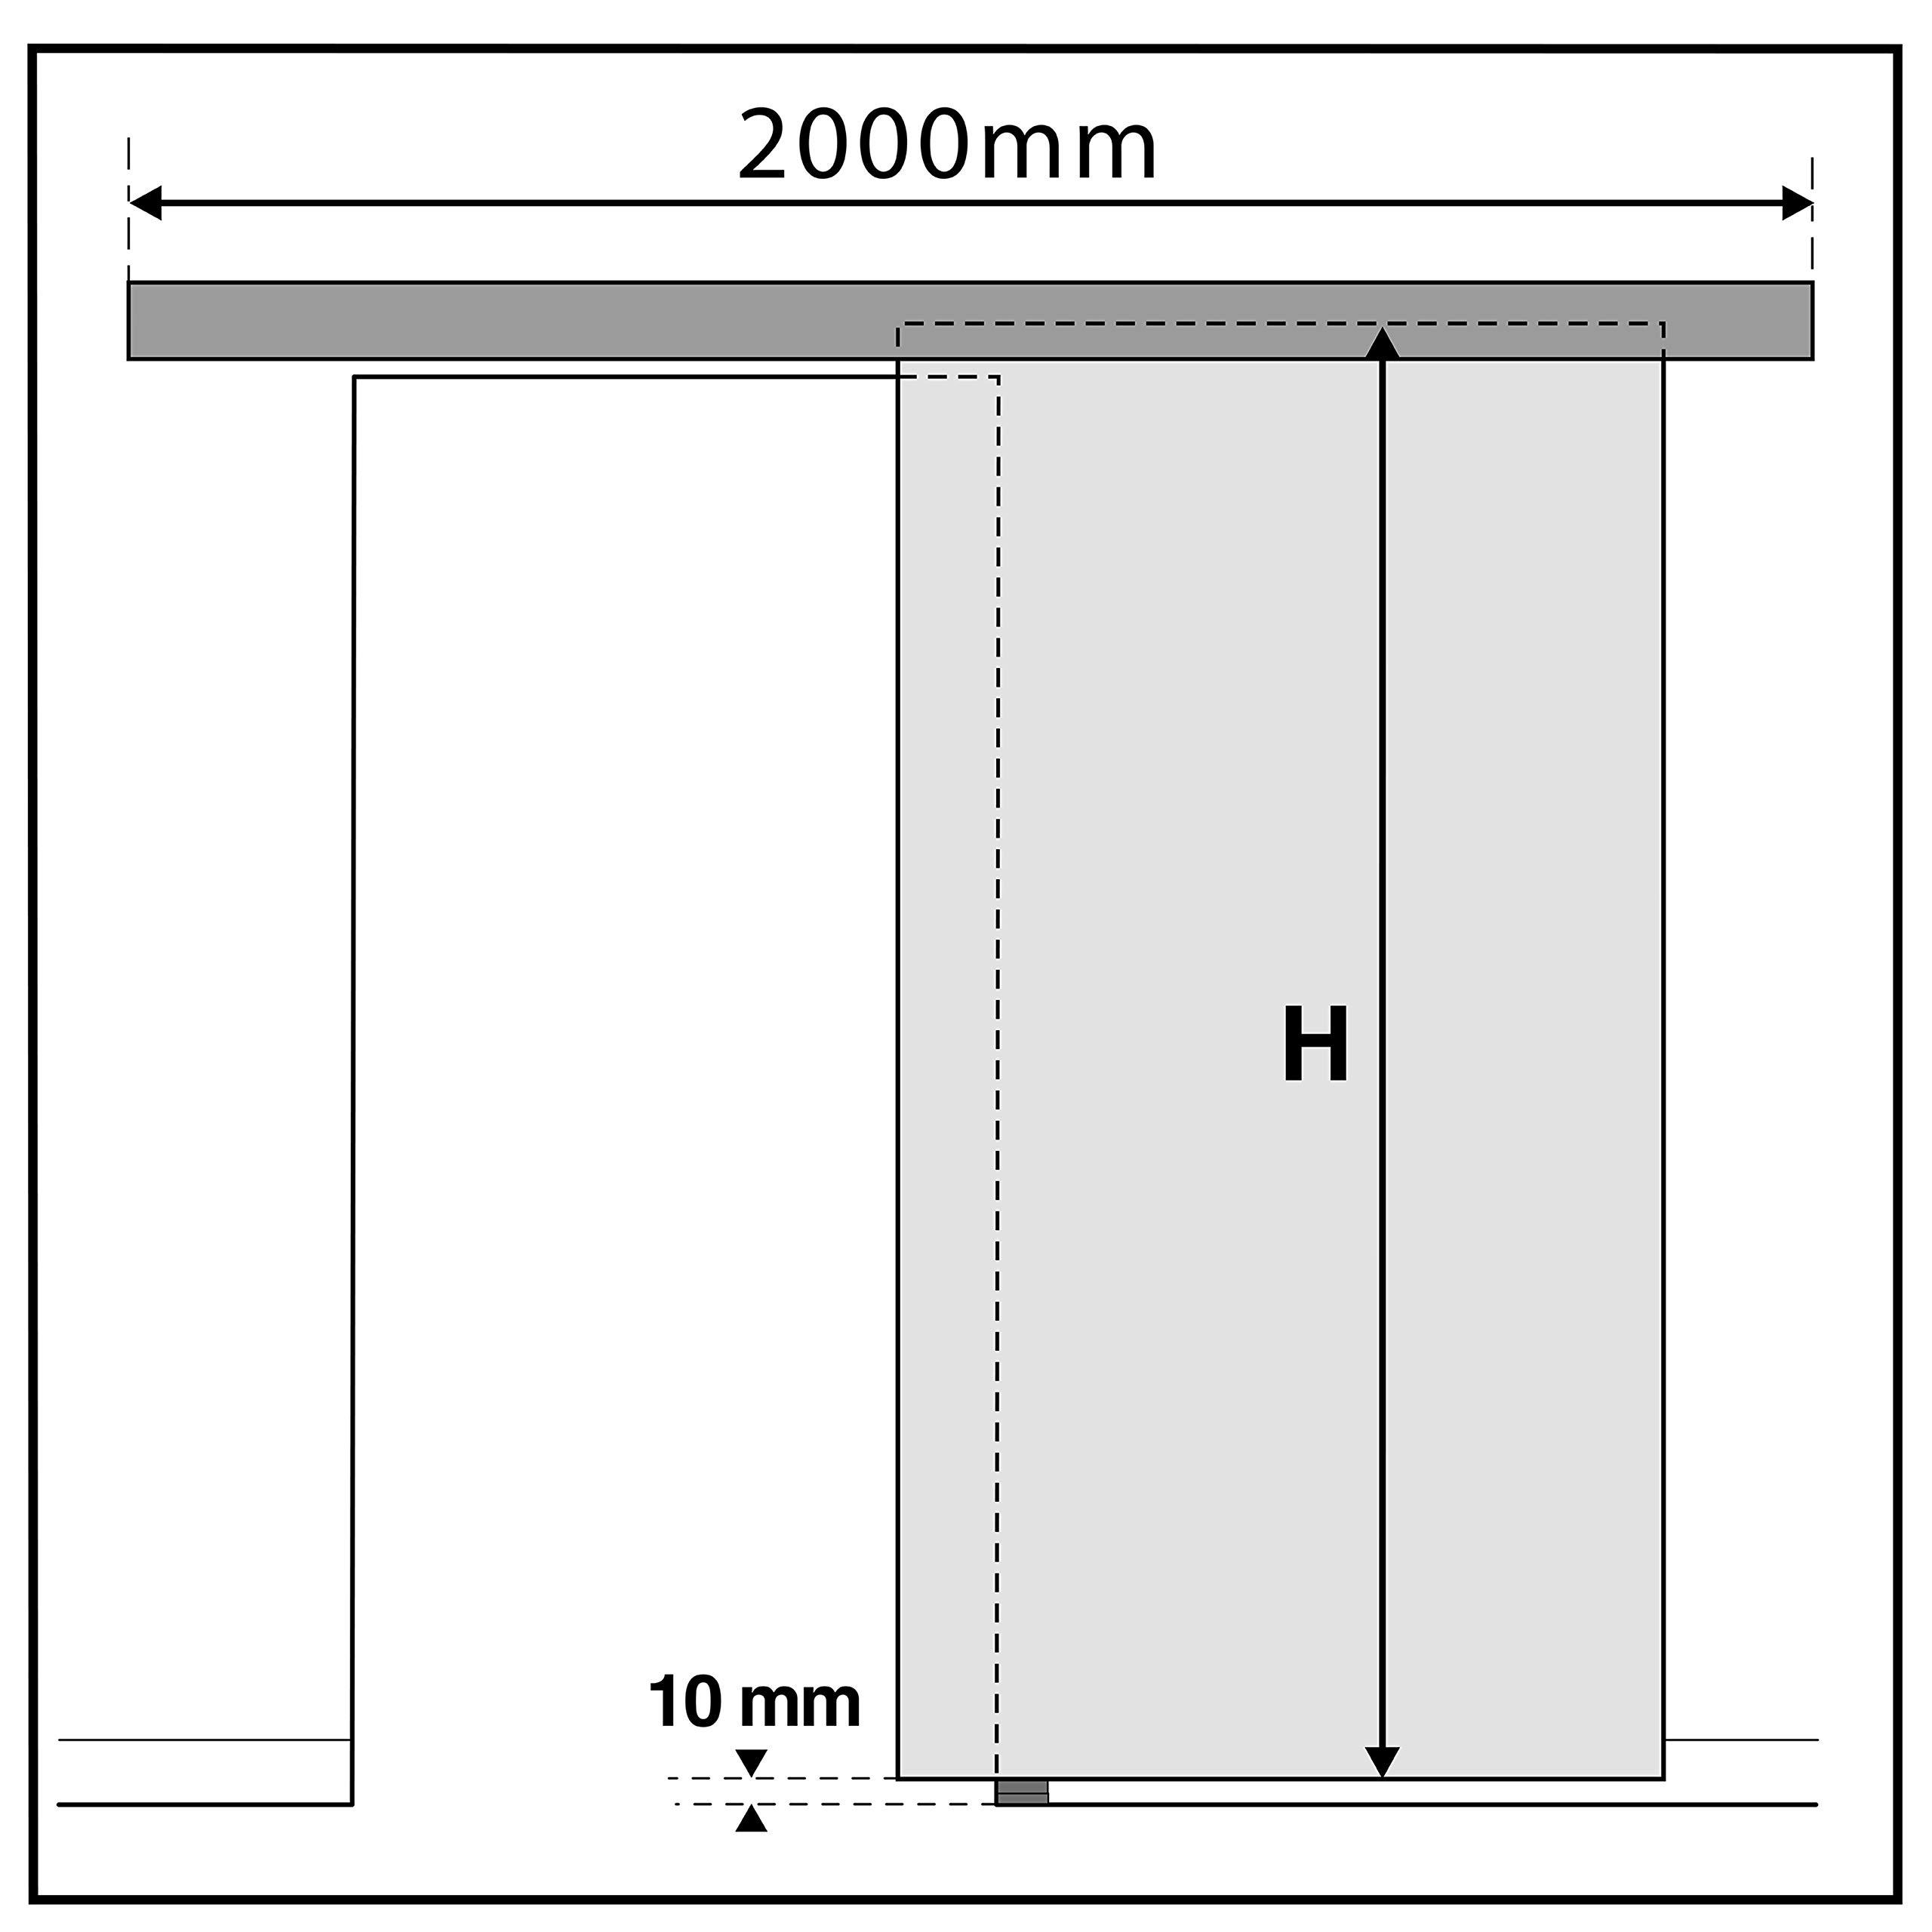 PrimeMatik - Rail guía para puerta corredera con cubierta de madera MDF de color ceniza de 2m (GK003): Amazon.es: Bricolaje y herramientas